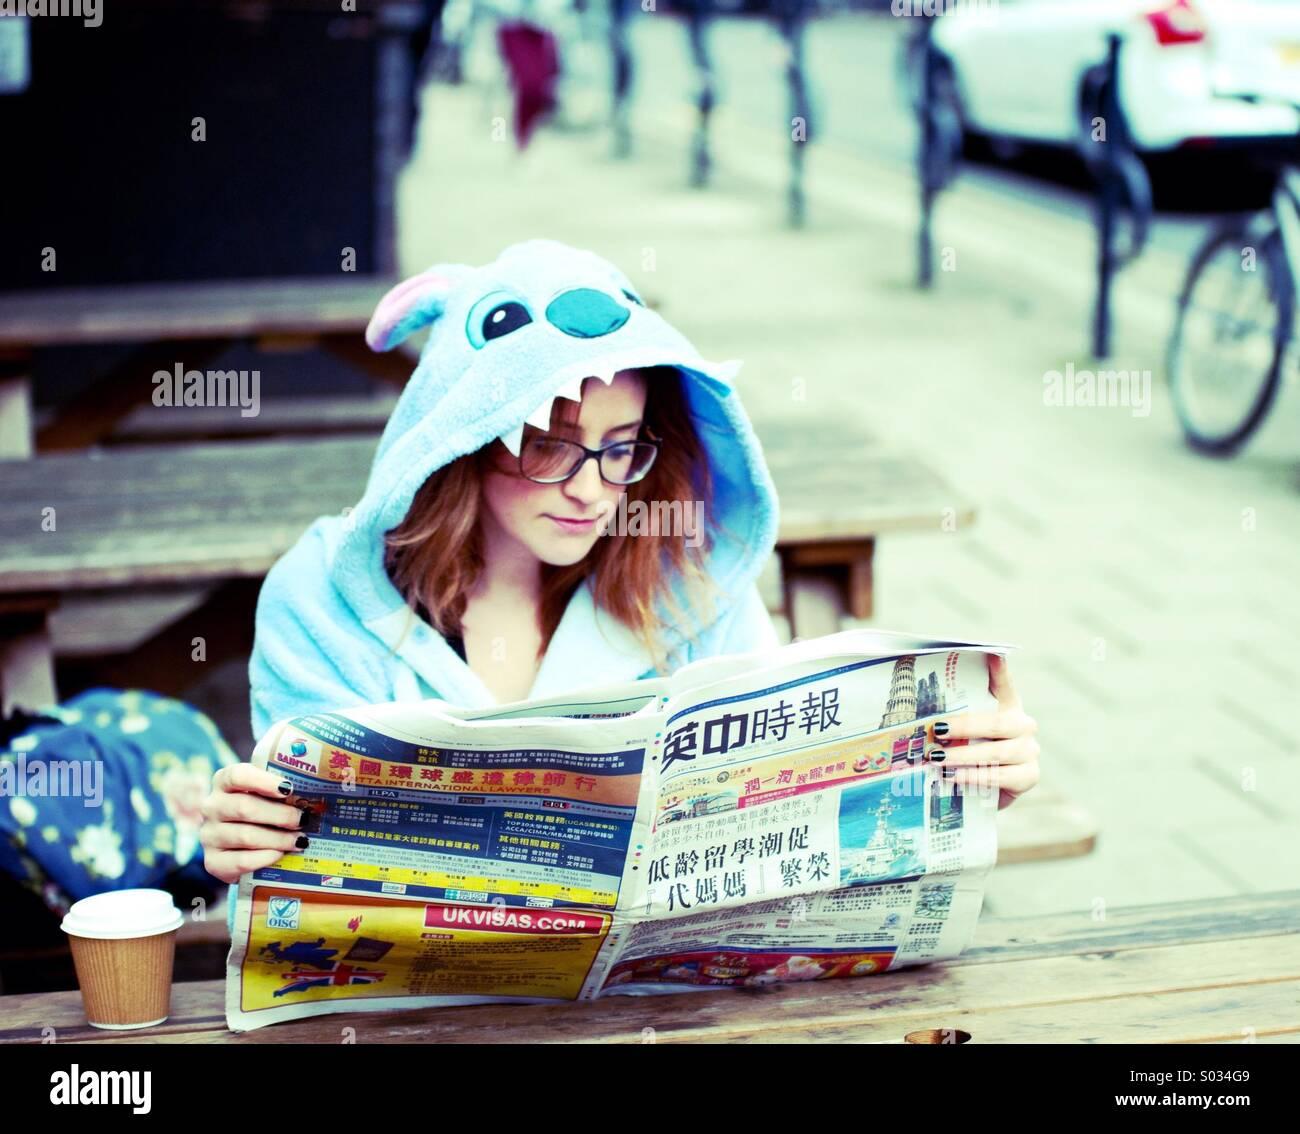 Frau in Stitch Kostüm eine chinesische Zeitung lesen Stockbild